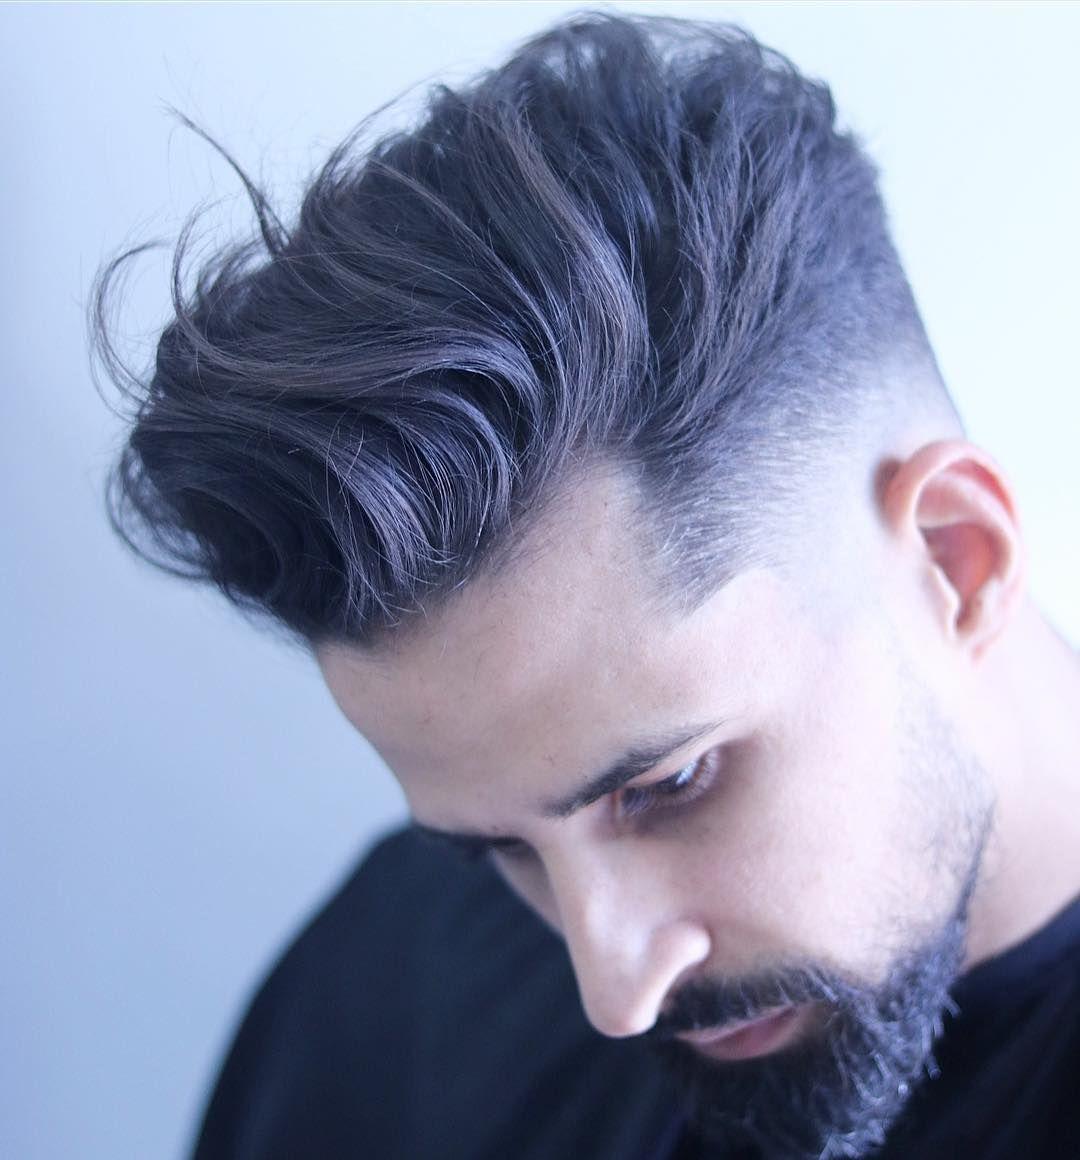 Joshlamonaca Cool Long Hairstyle For Men 2017 Menshairstyles